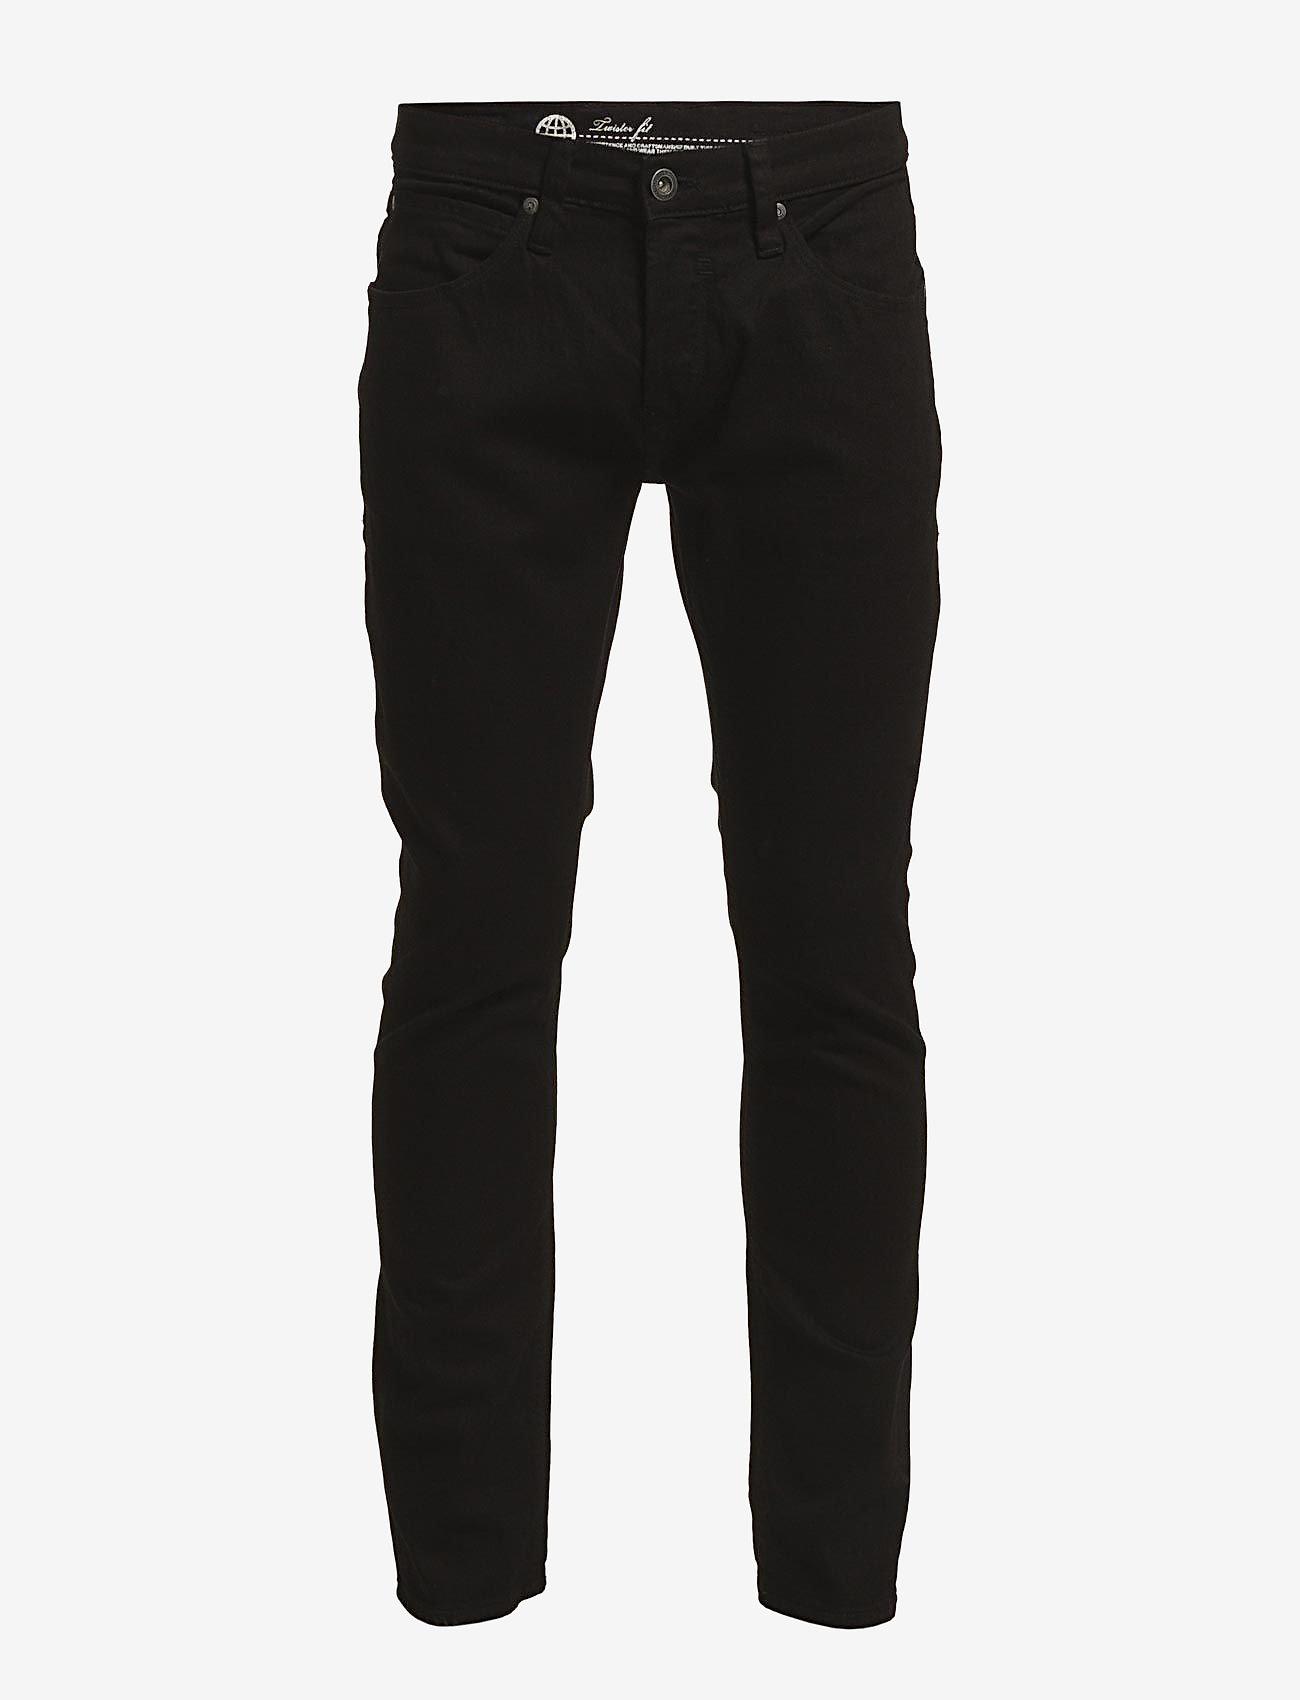 Blend - Jeans - NOOS Twister fit - black - 1